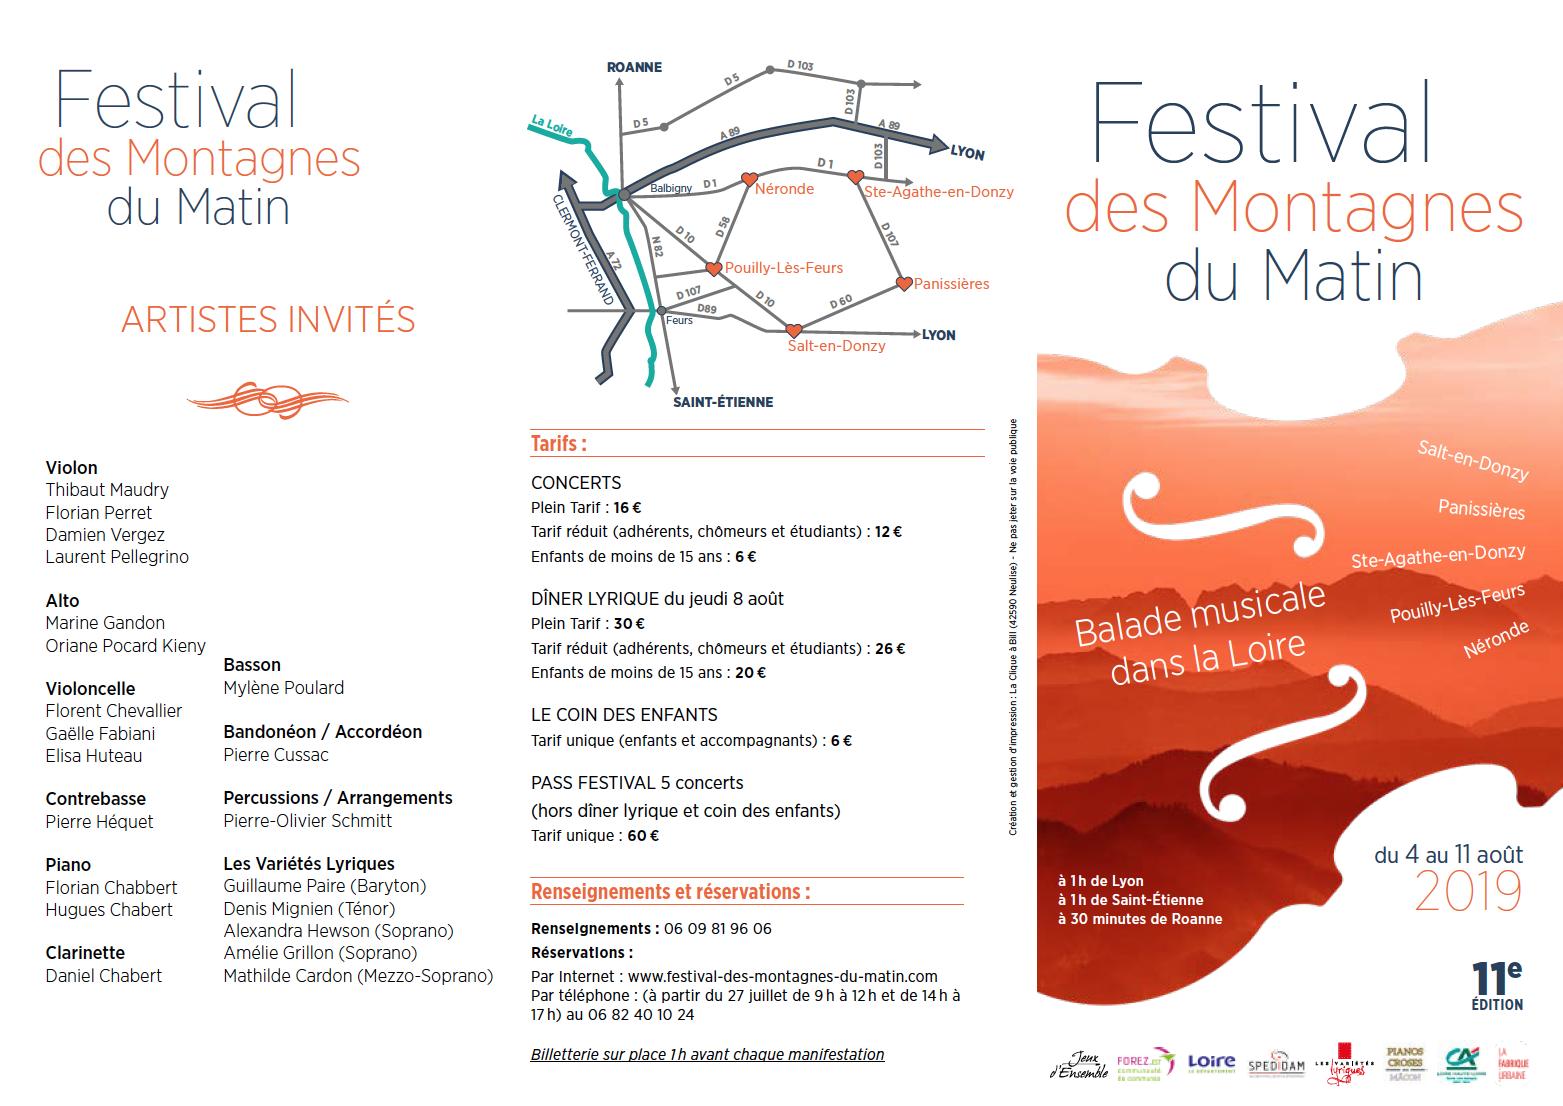 Plaquette recto du 11e Festival des Montagnes du Matin